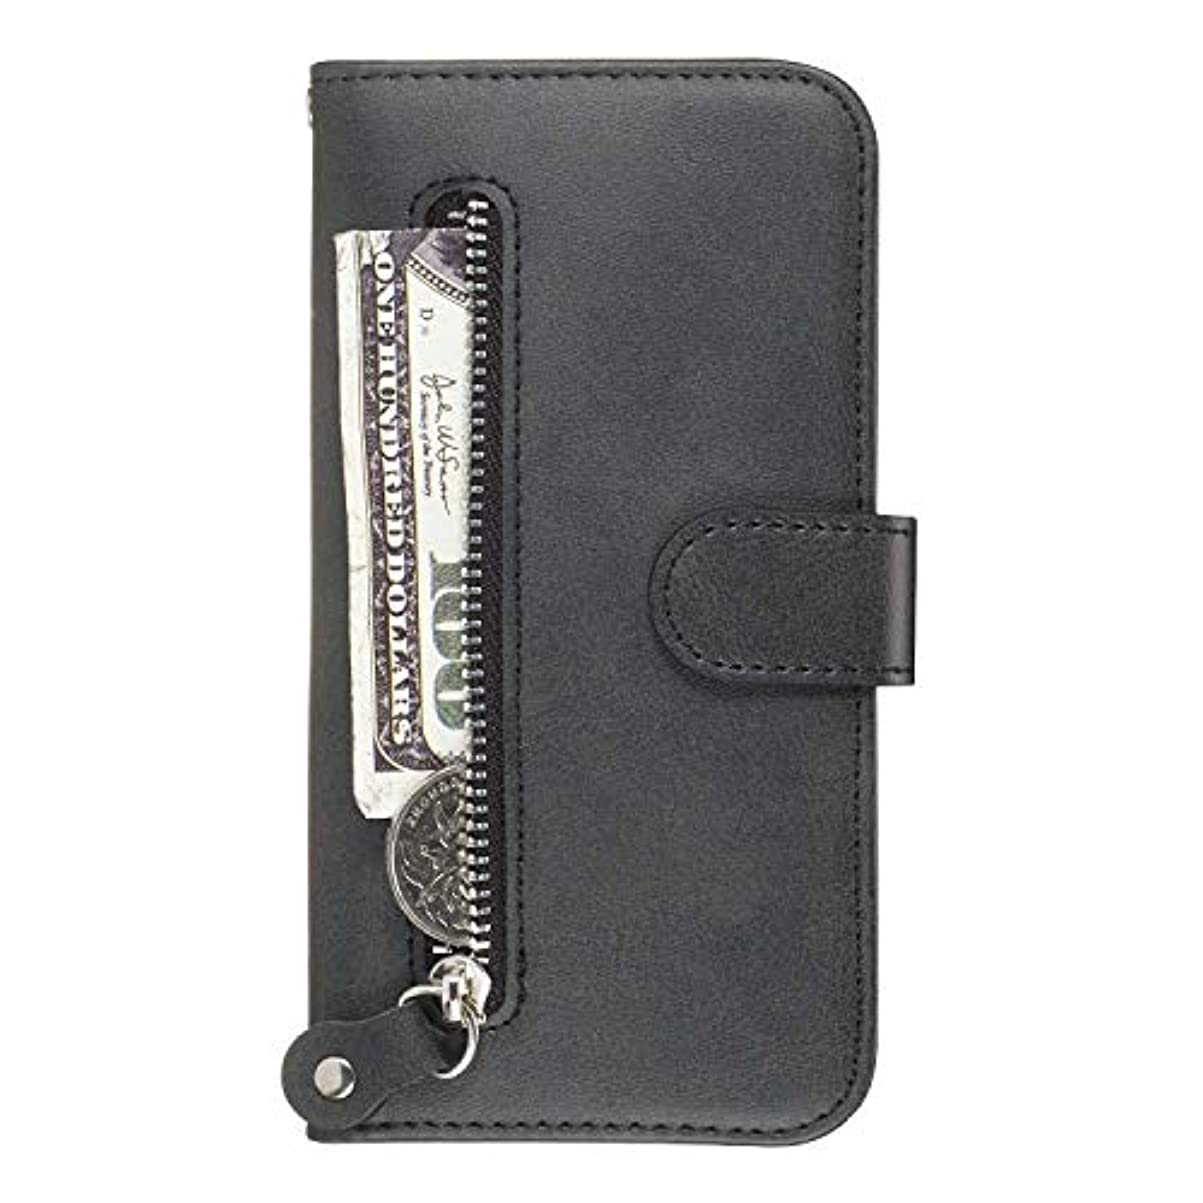 回想マイナー記述するOMATENTI Galaxy M20 ケース, 軽量 PUレザー 薄型 簡約風 人気カバー バックケース Galaxy M20 用 Case Cover, 液晶保護 カード収納, 財布とコインポケット付き, 黒